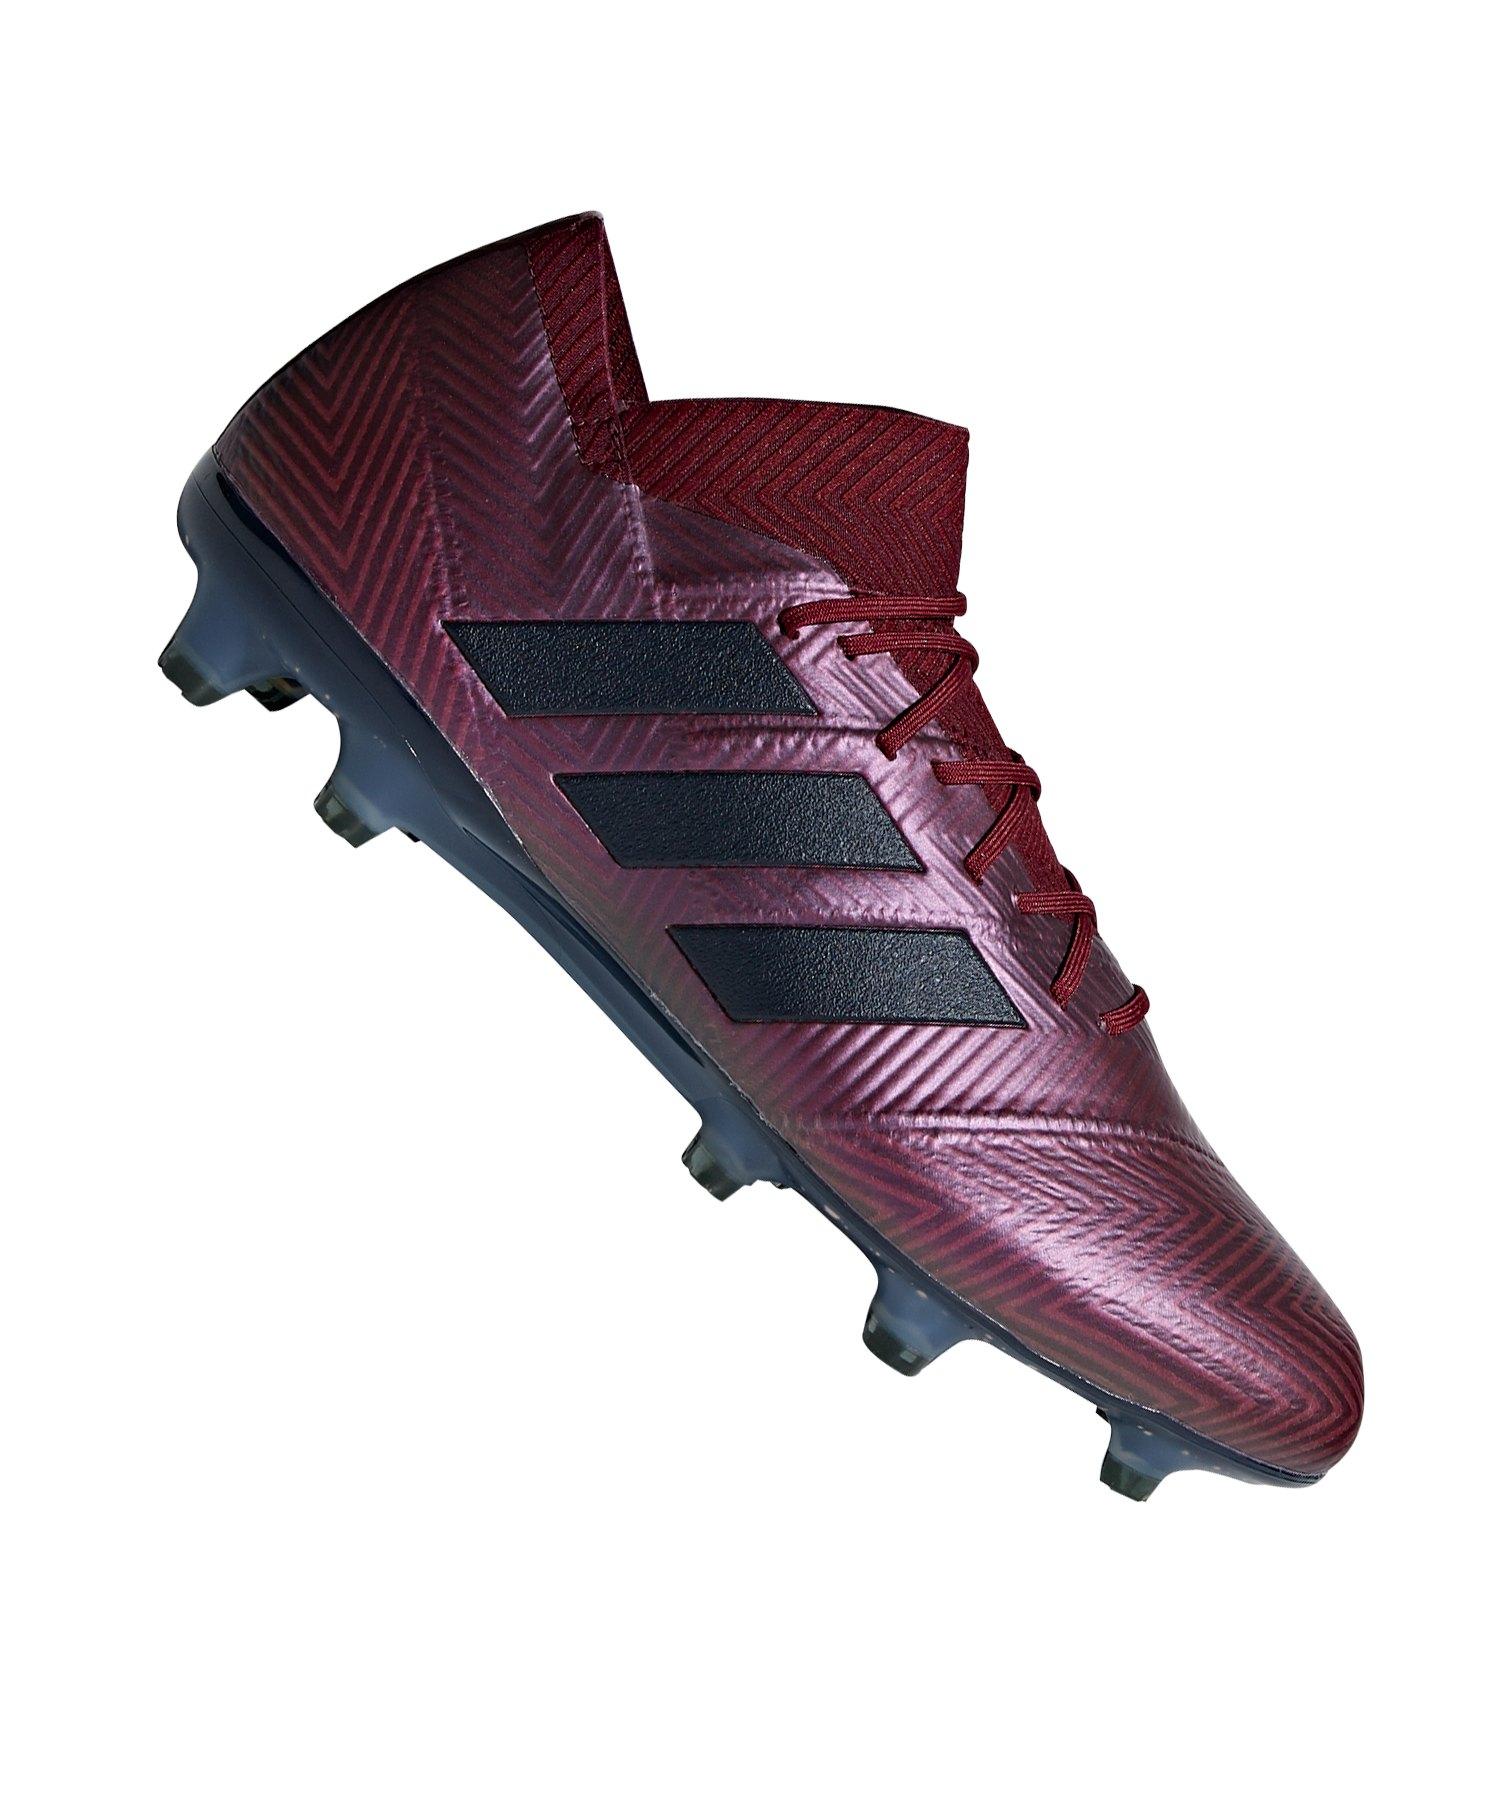 Adidas Fußballschuhe wieder zu haben